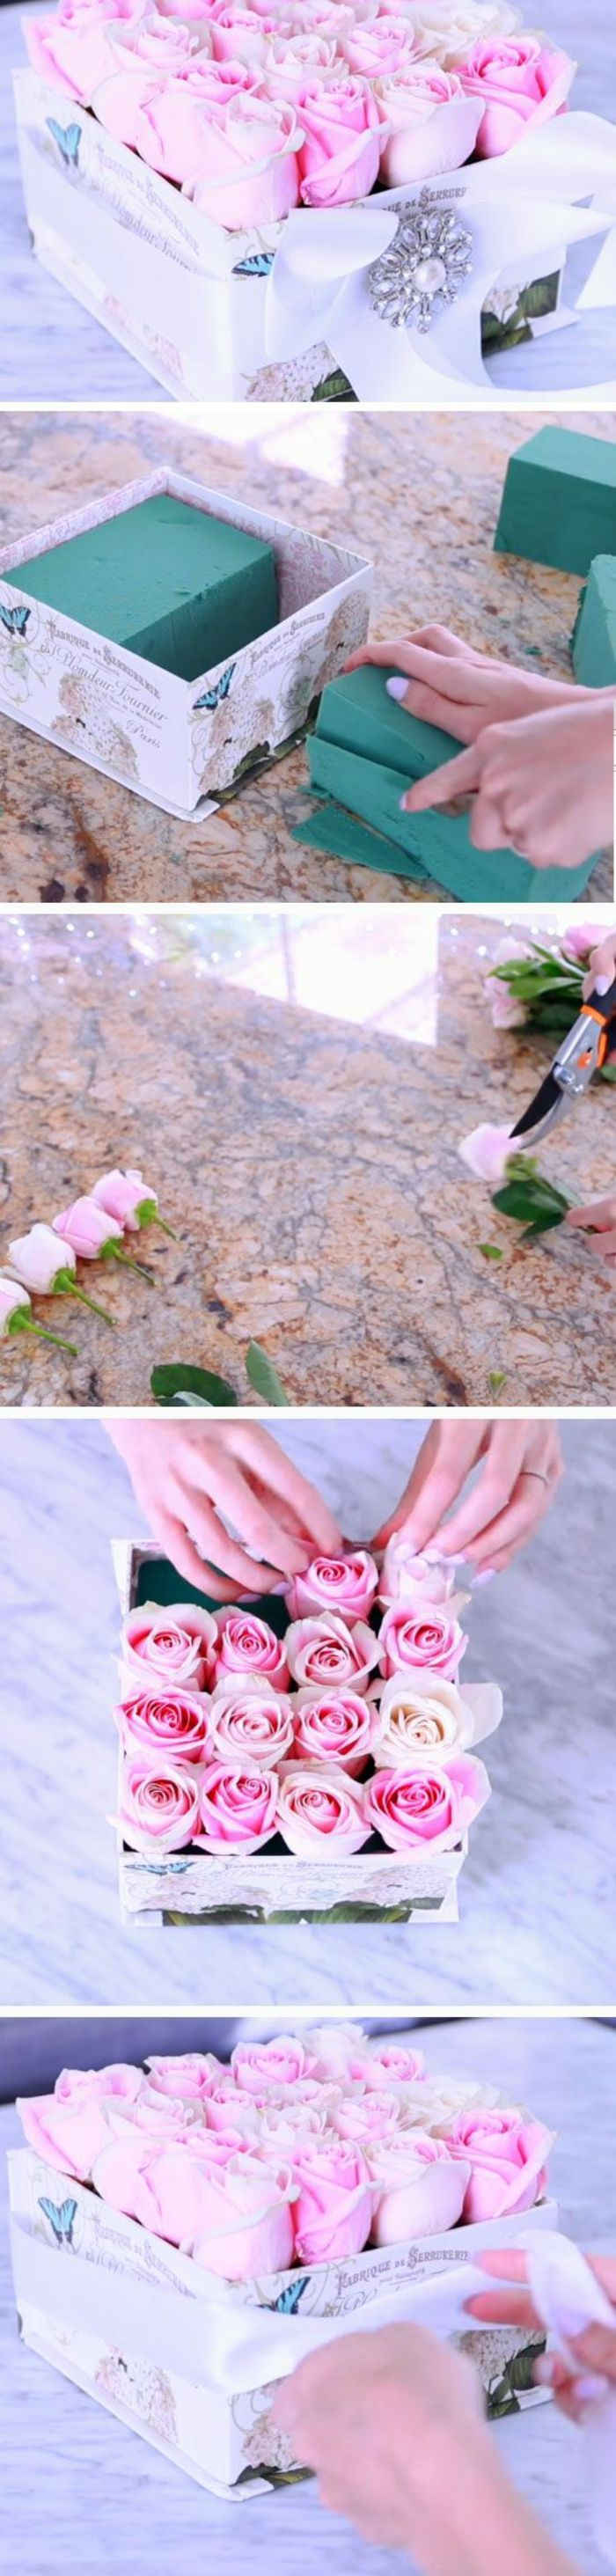 wie die Blumen zu ordnen in einer Schachtel   Muttertags Geschenkideen